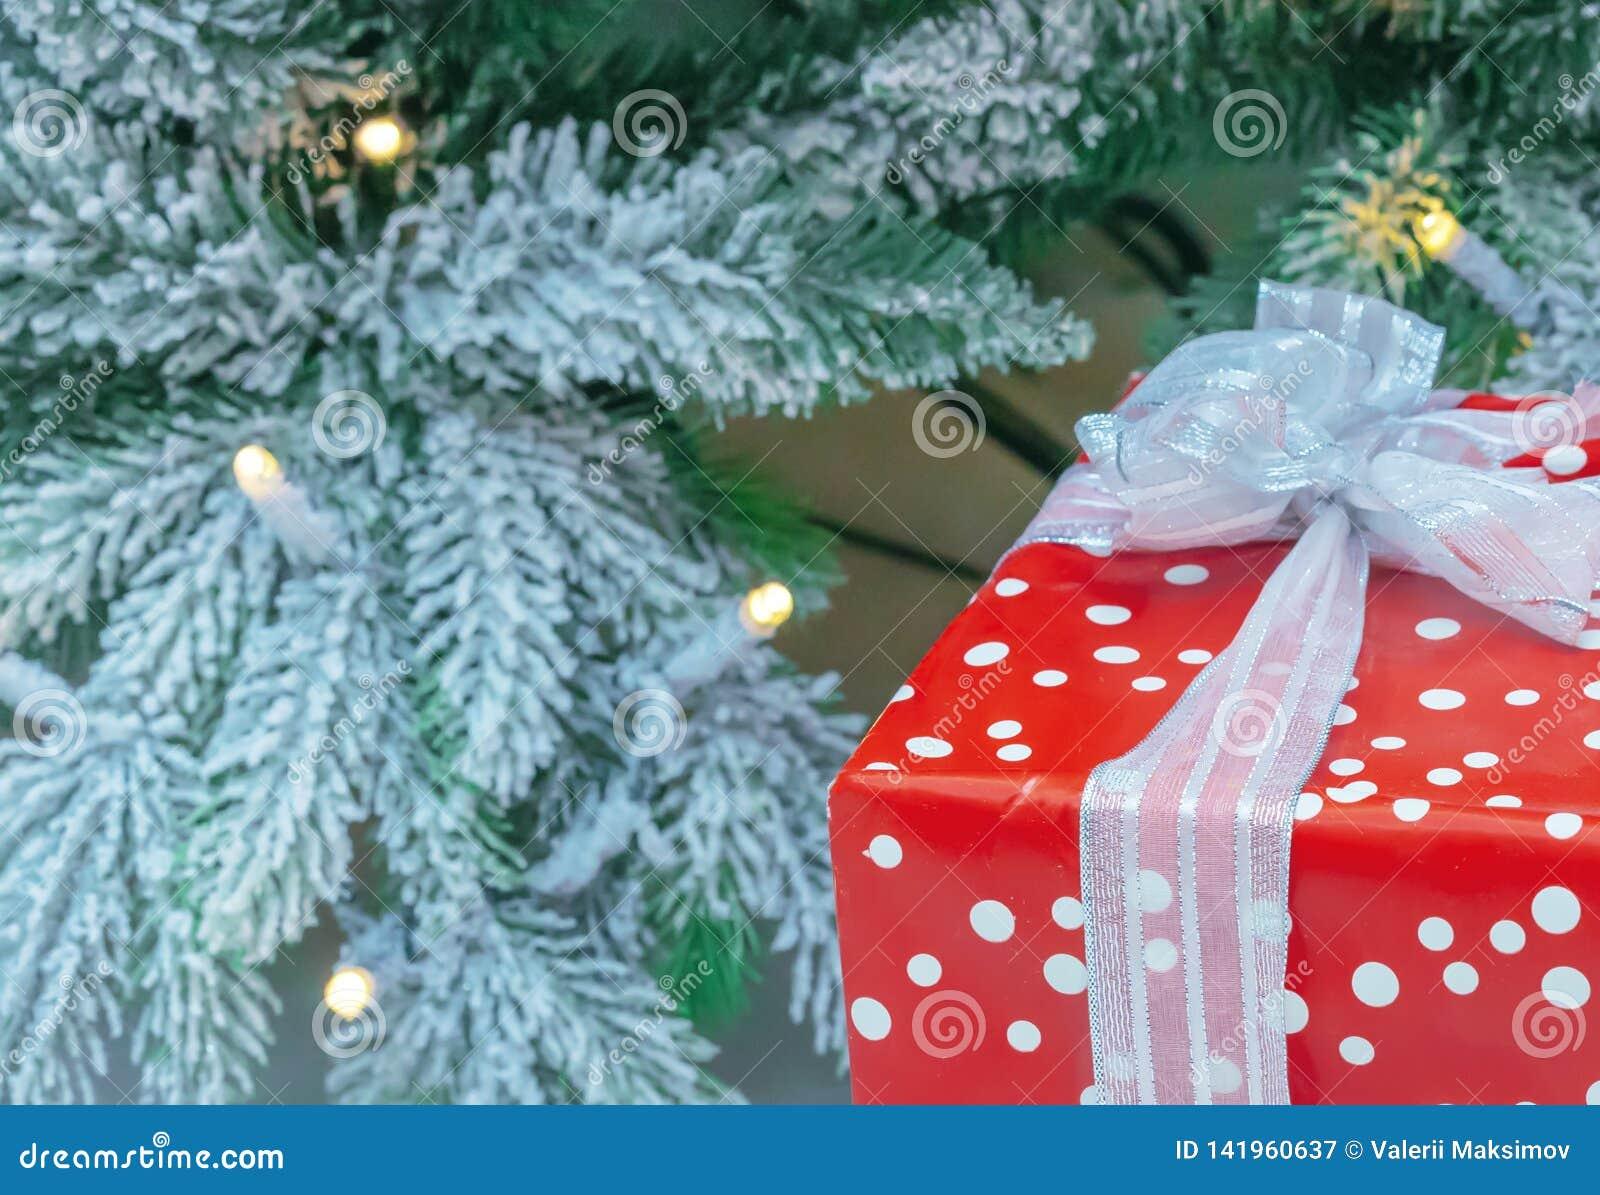 Ein Geschenk im roten Verpacken auf dem Hintergrund eines schneebedeckten Weihnachtsbaums